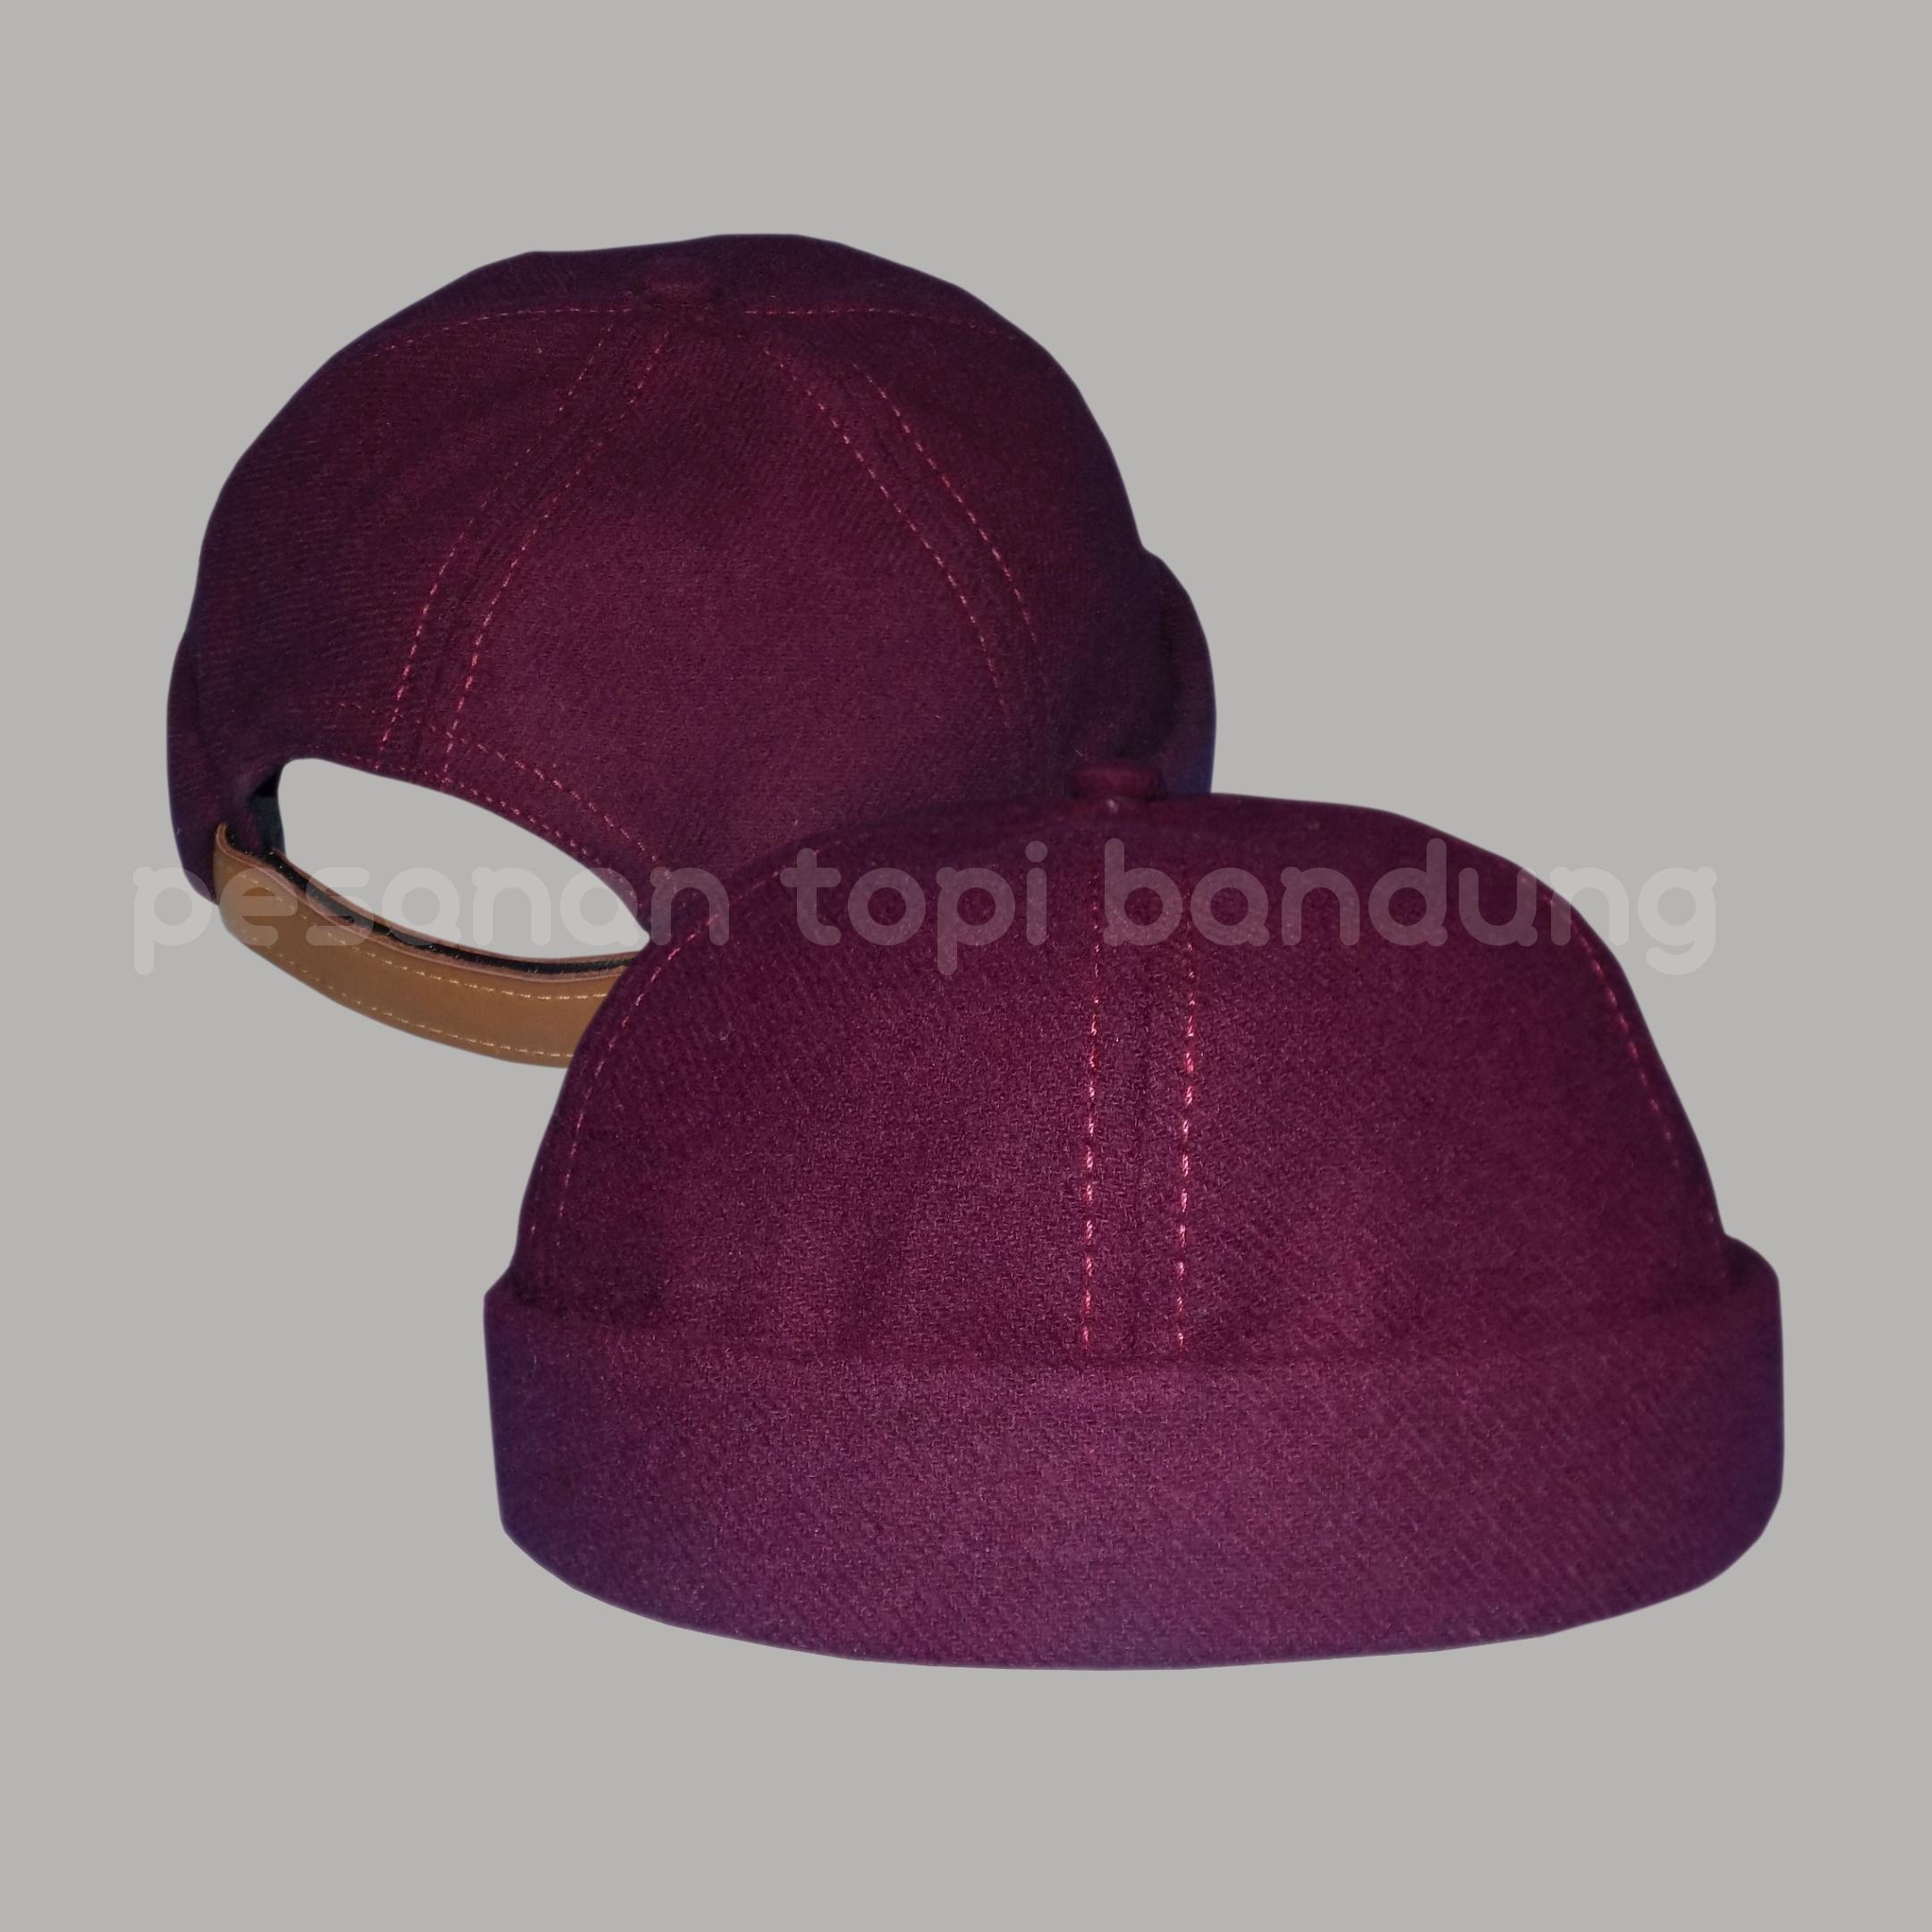 pesanan topi_produsen topi_mikihats